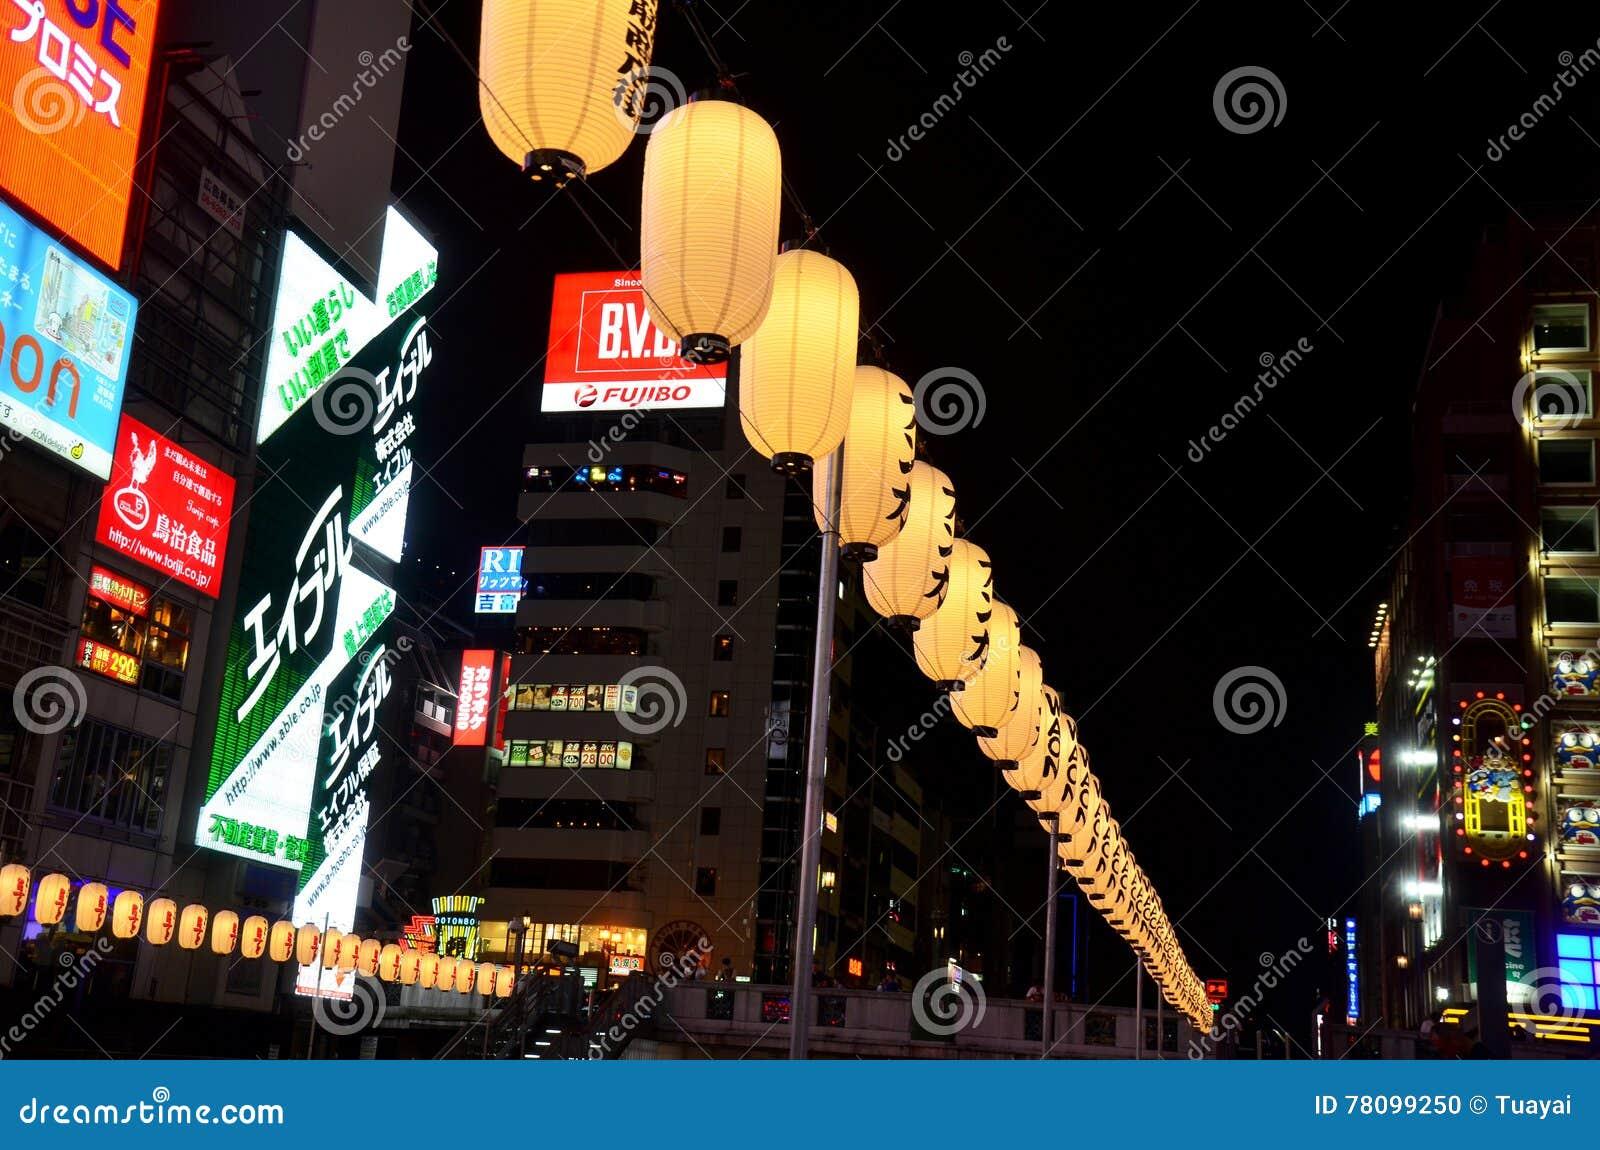 Ιαπωνικός εξοπλισμός και Μπιλ φωτισμού φαναριών ή λαμπτήρων παραδοσιακός